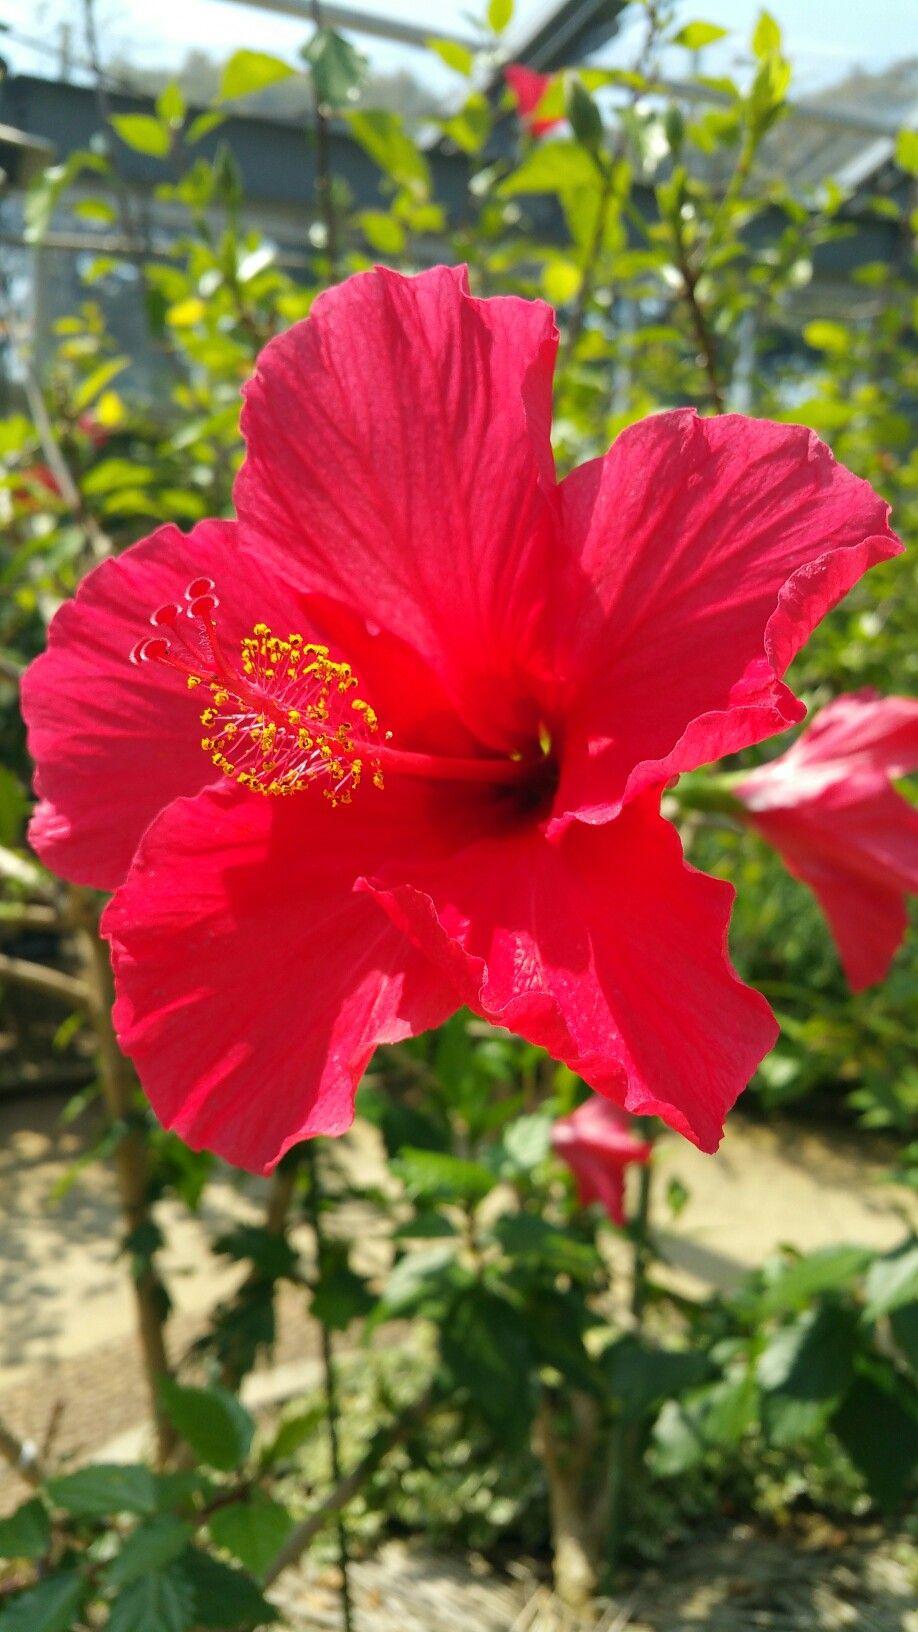 Pin de Victoriano DE en flores y plantas de hoja | Pinterest ...